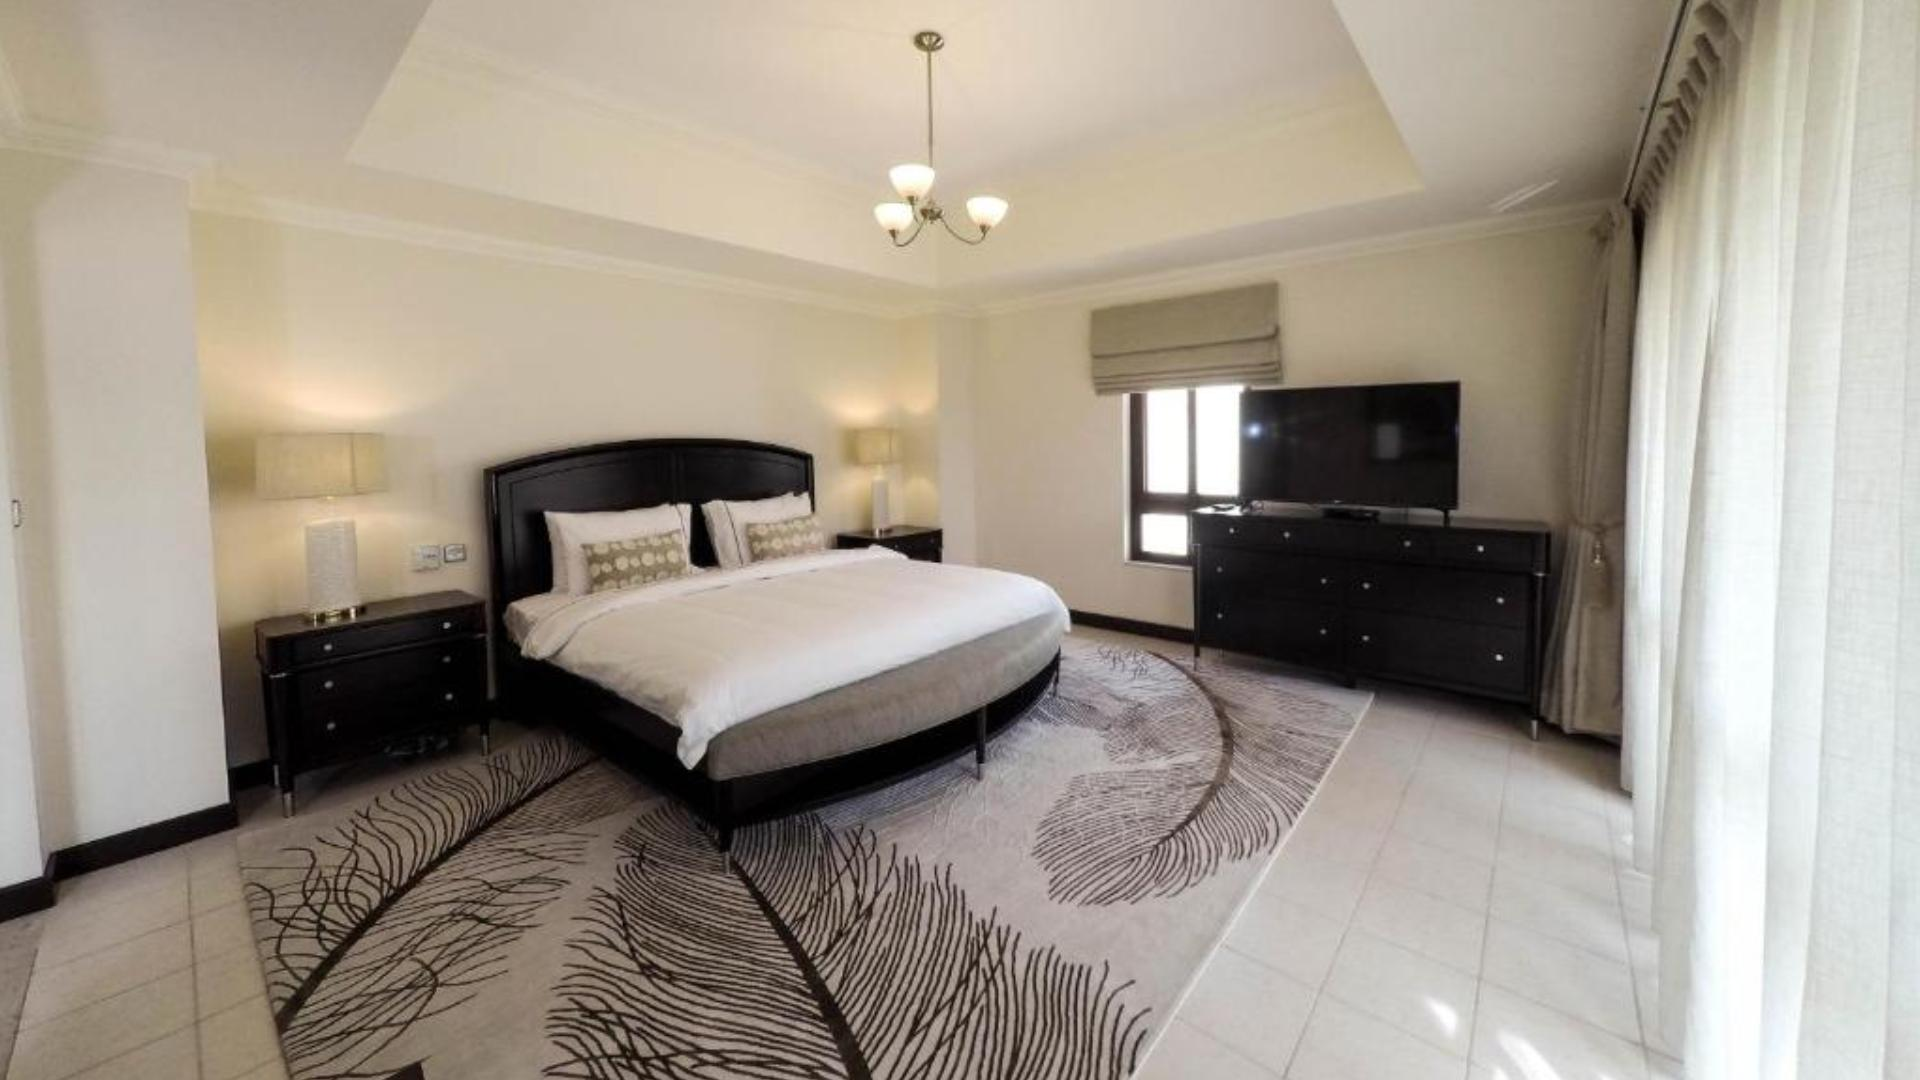 Villa en venta en Dubai, EAU, 3 dormitorios, 272 m2, № 24143 – foto 4